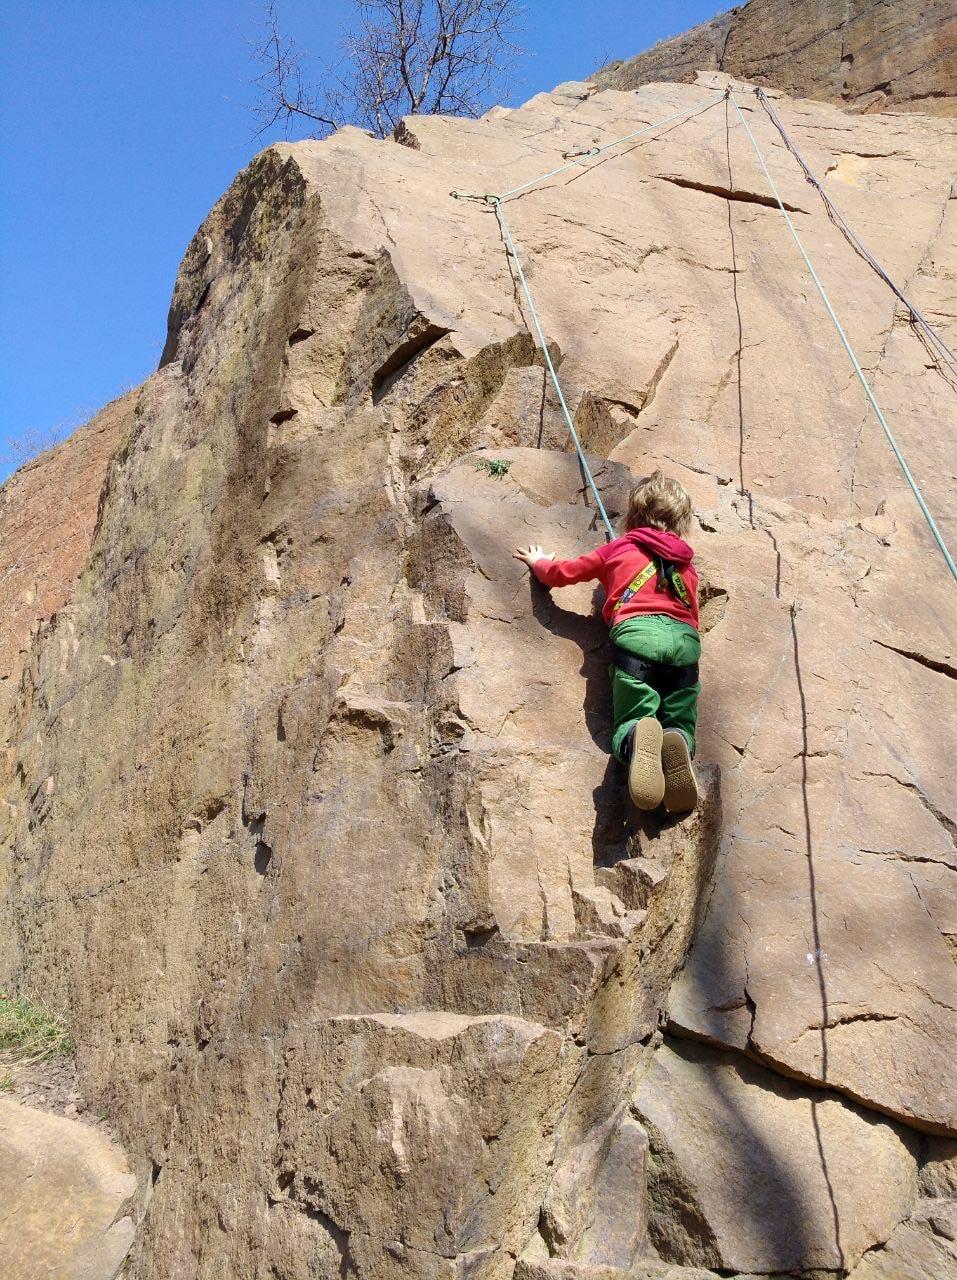 Enkel an Kletterwand - Leichte Klettersteige in Deutschland